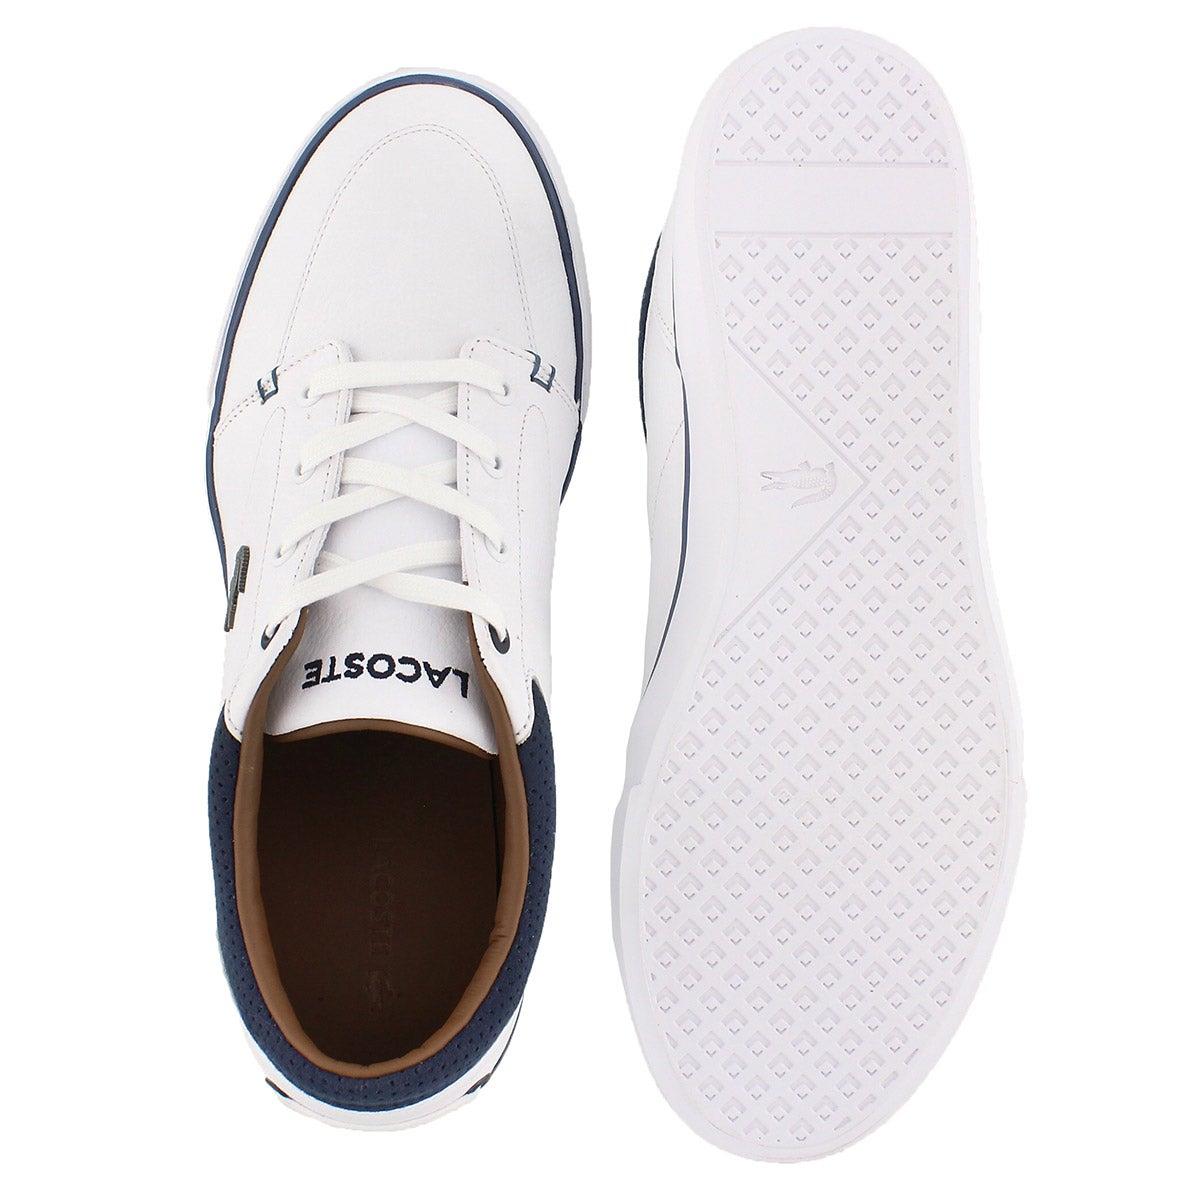 Mns Bayliss Vulc 317 white/blue sneaker